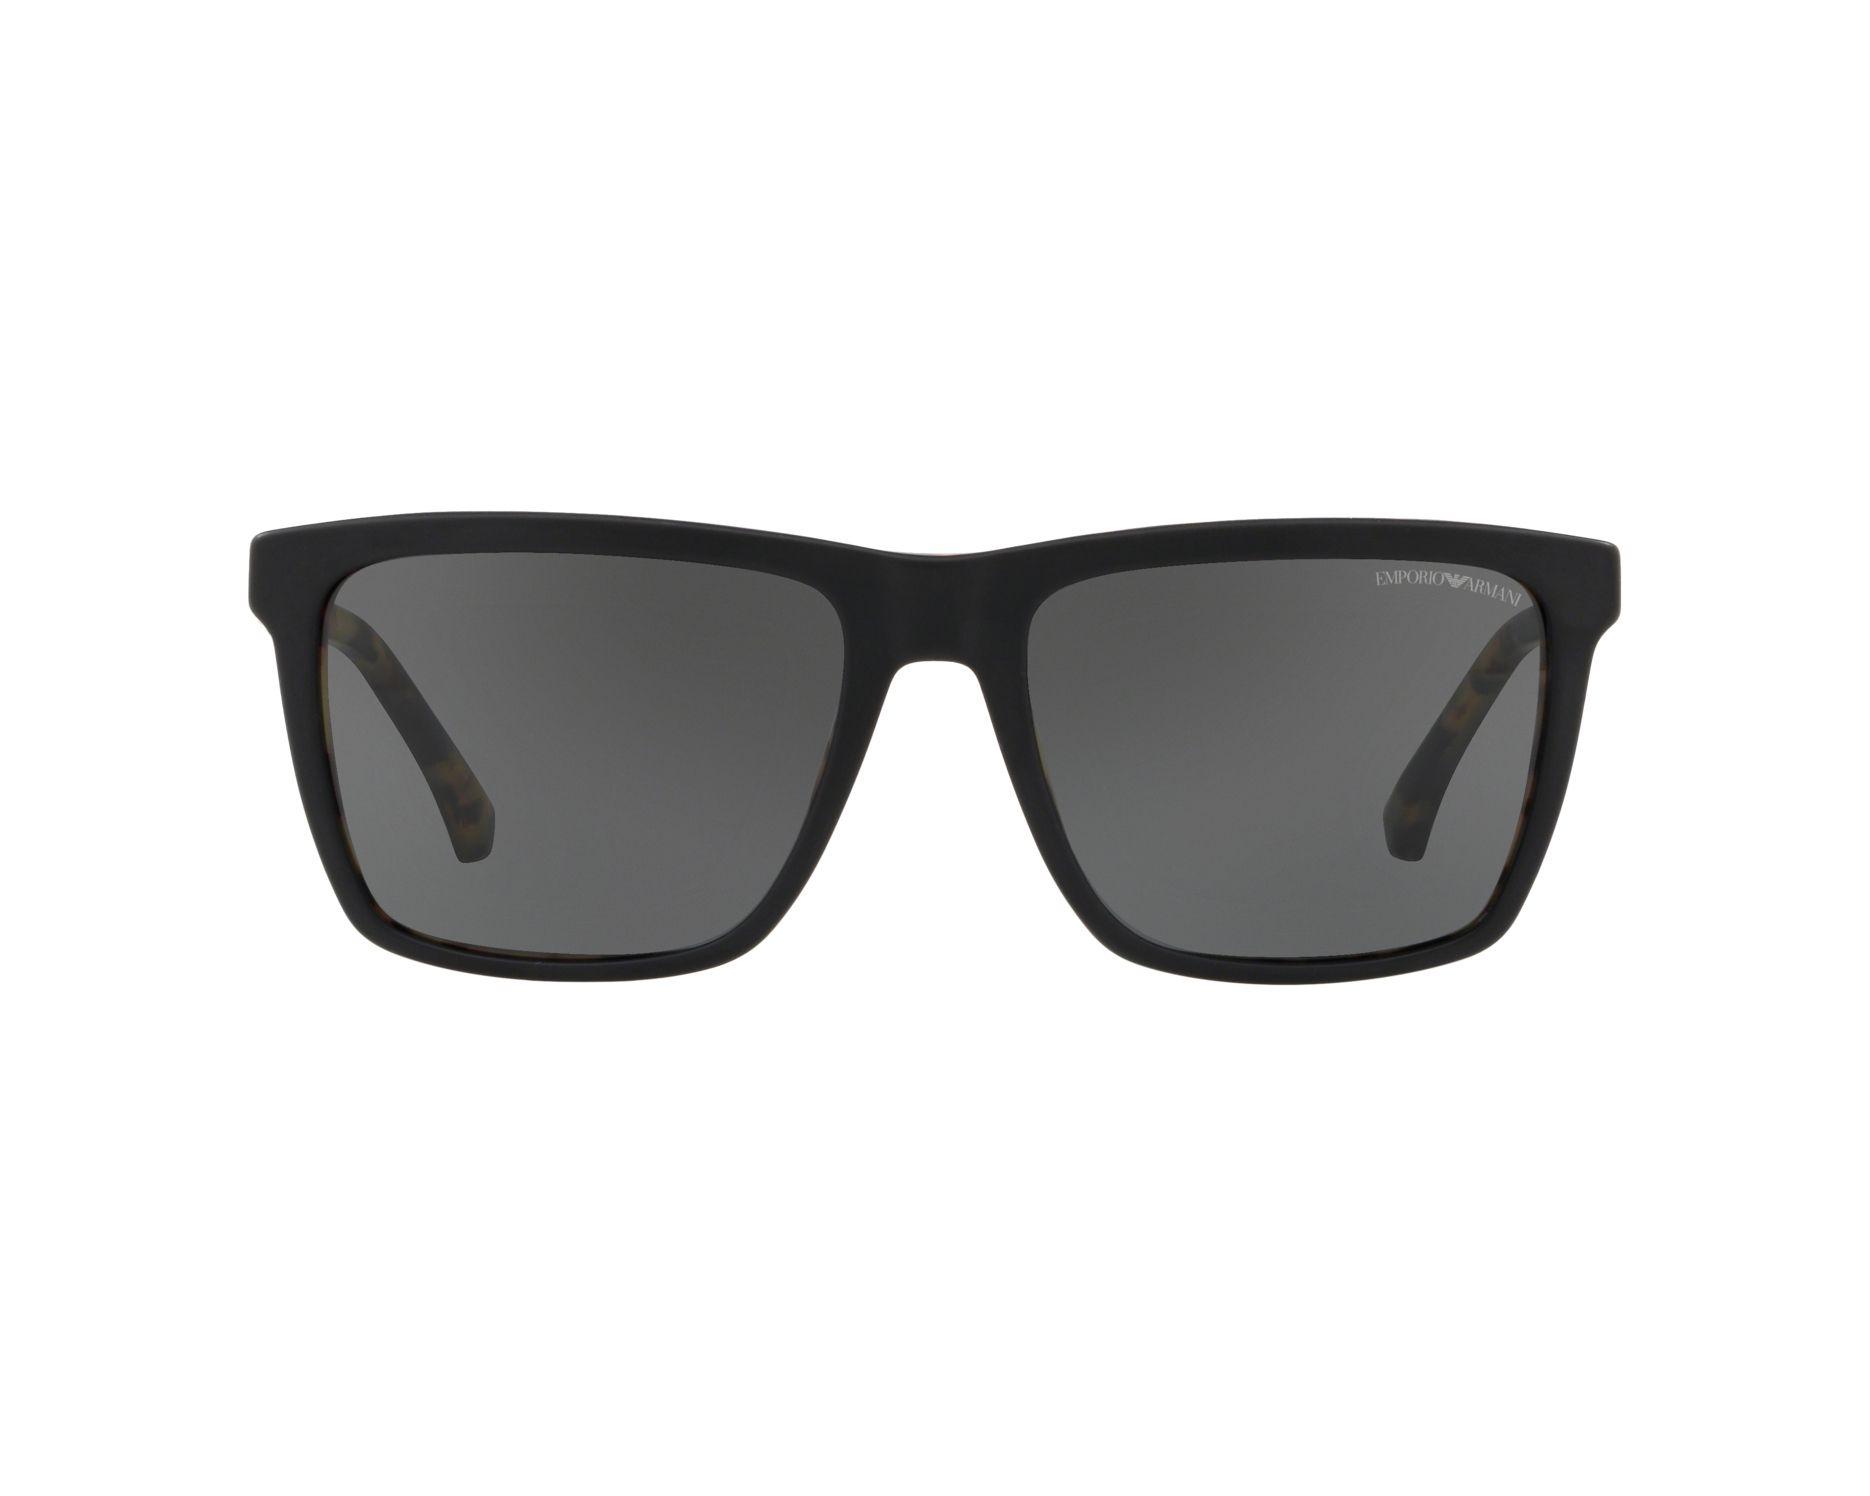 918a75708035 Sunglasses Emporio Armani EA-4117 570187 57-18 Black Havana 360 degree view  1